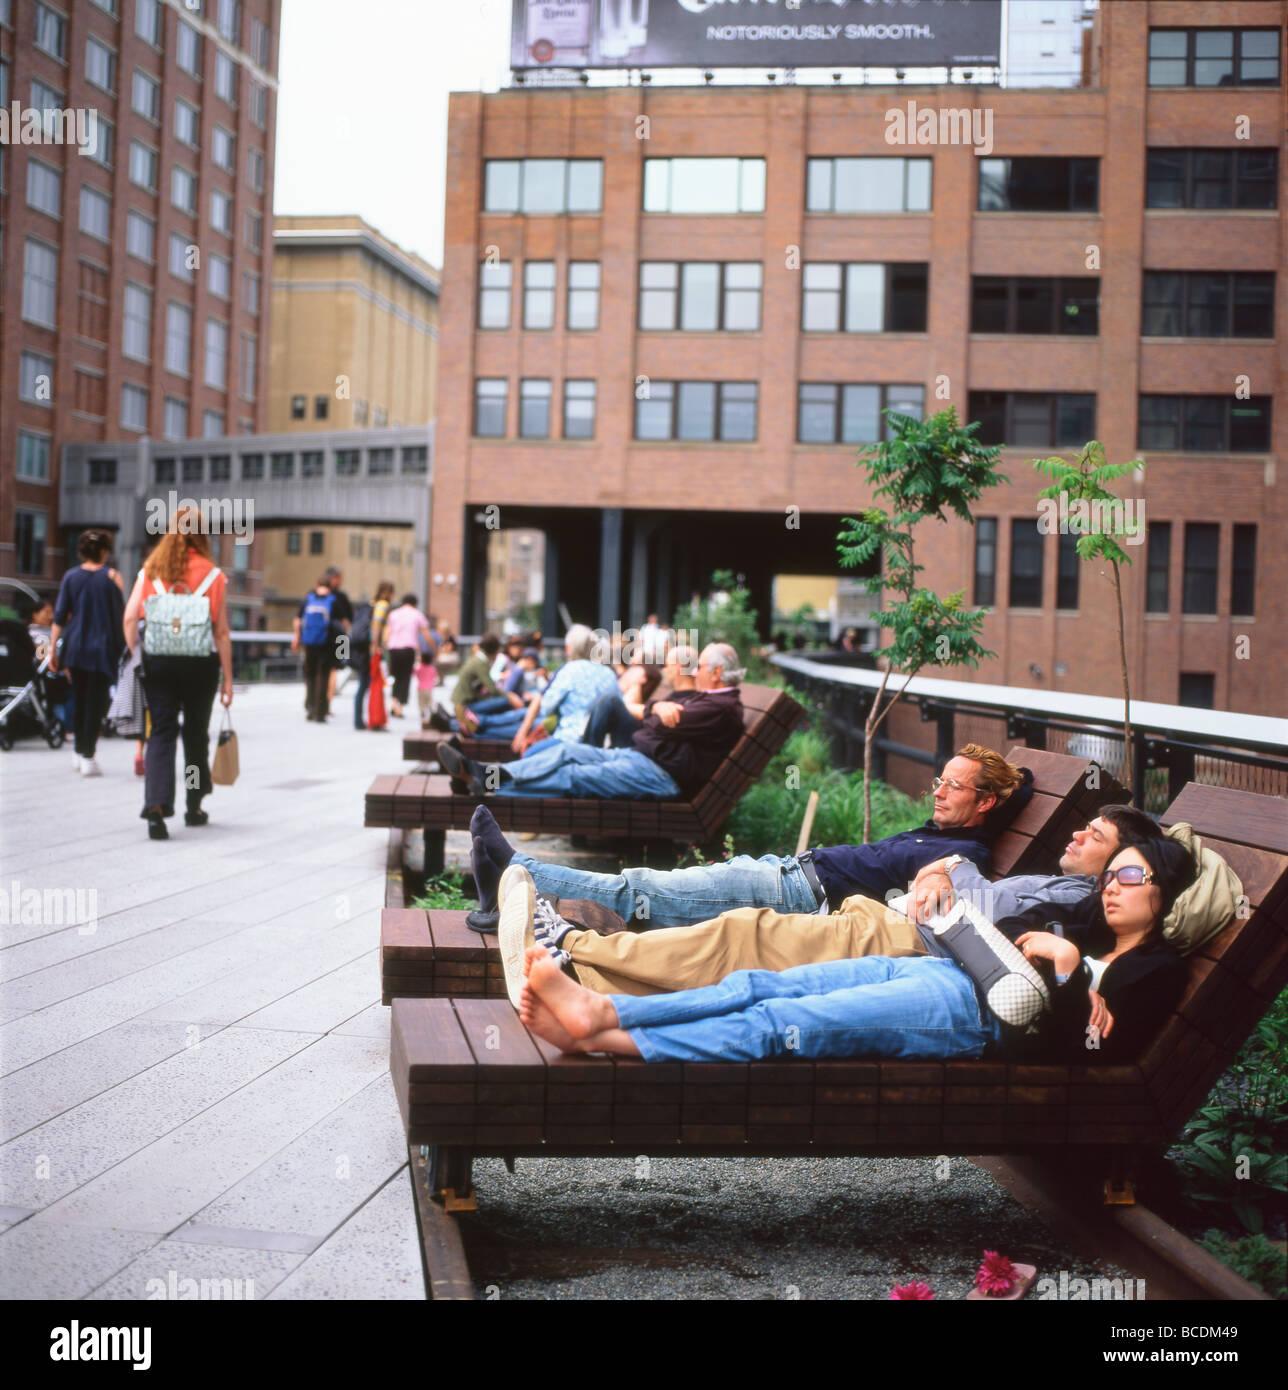 Menschen Entspannen Am Ipe Holz Chaise Lounge Möbel Auf Der Neuen High Line  Park In Chelsea, Manhattan New York City USA